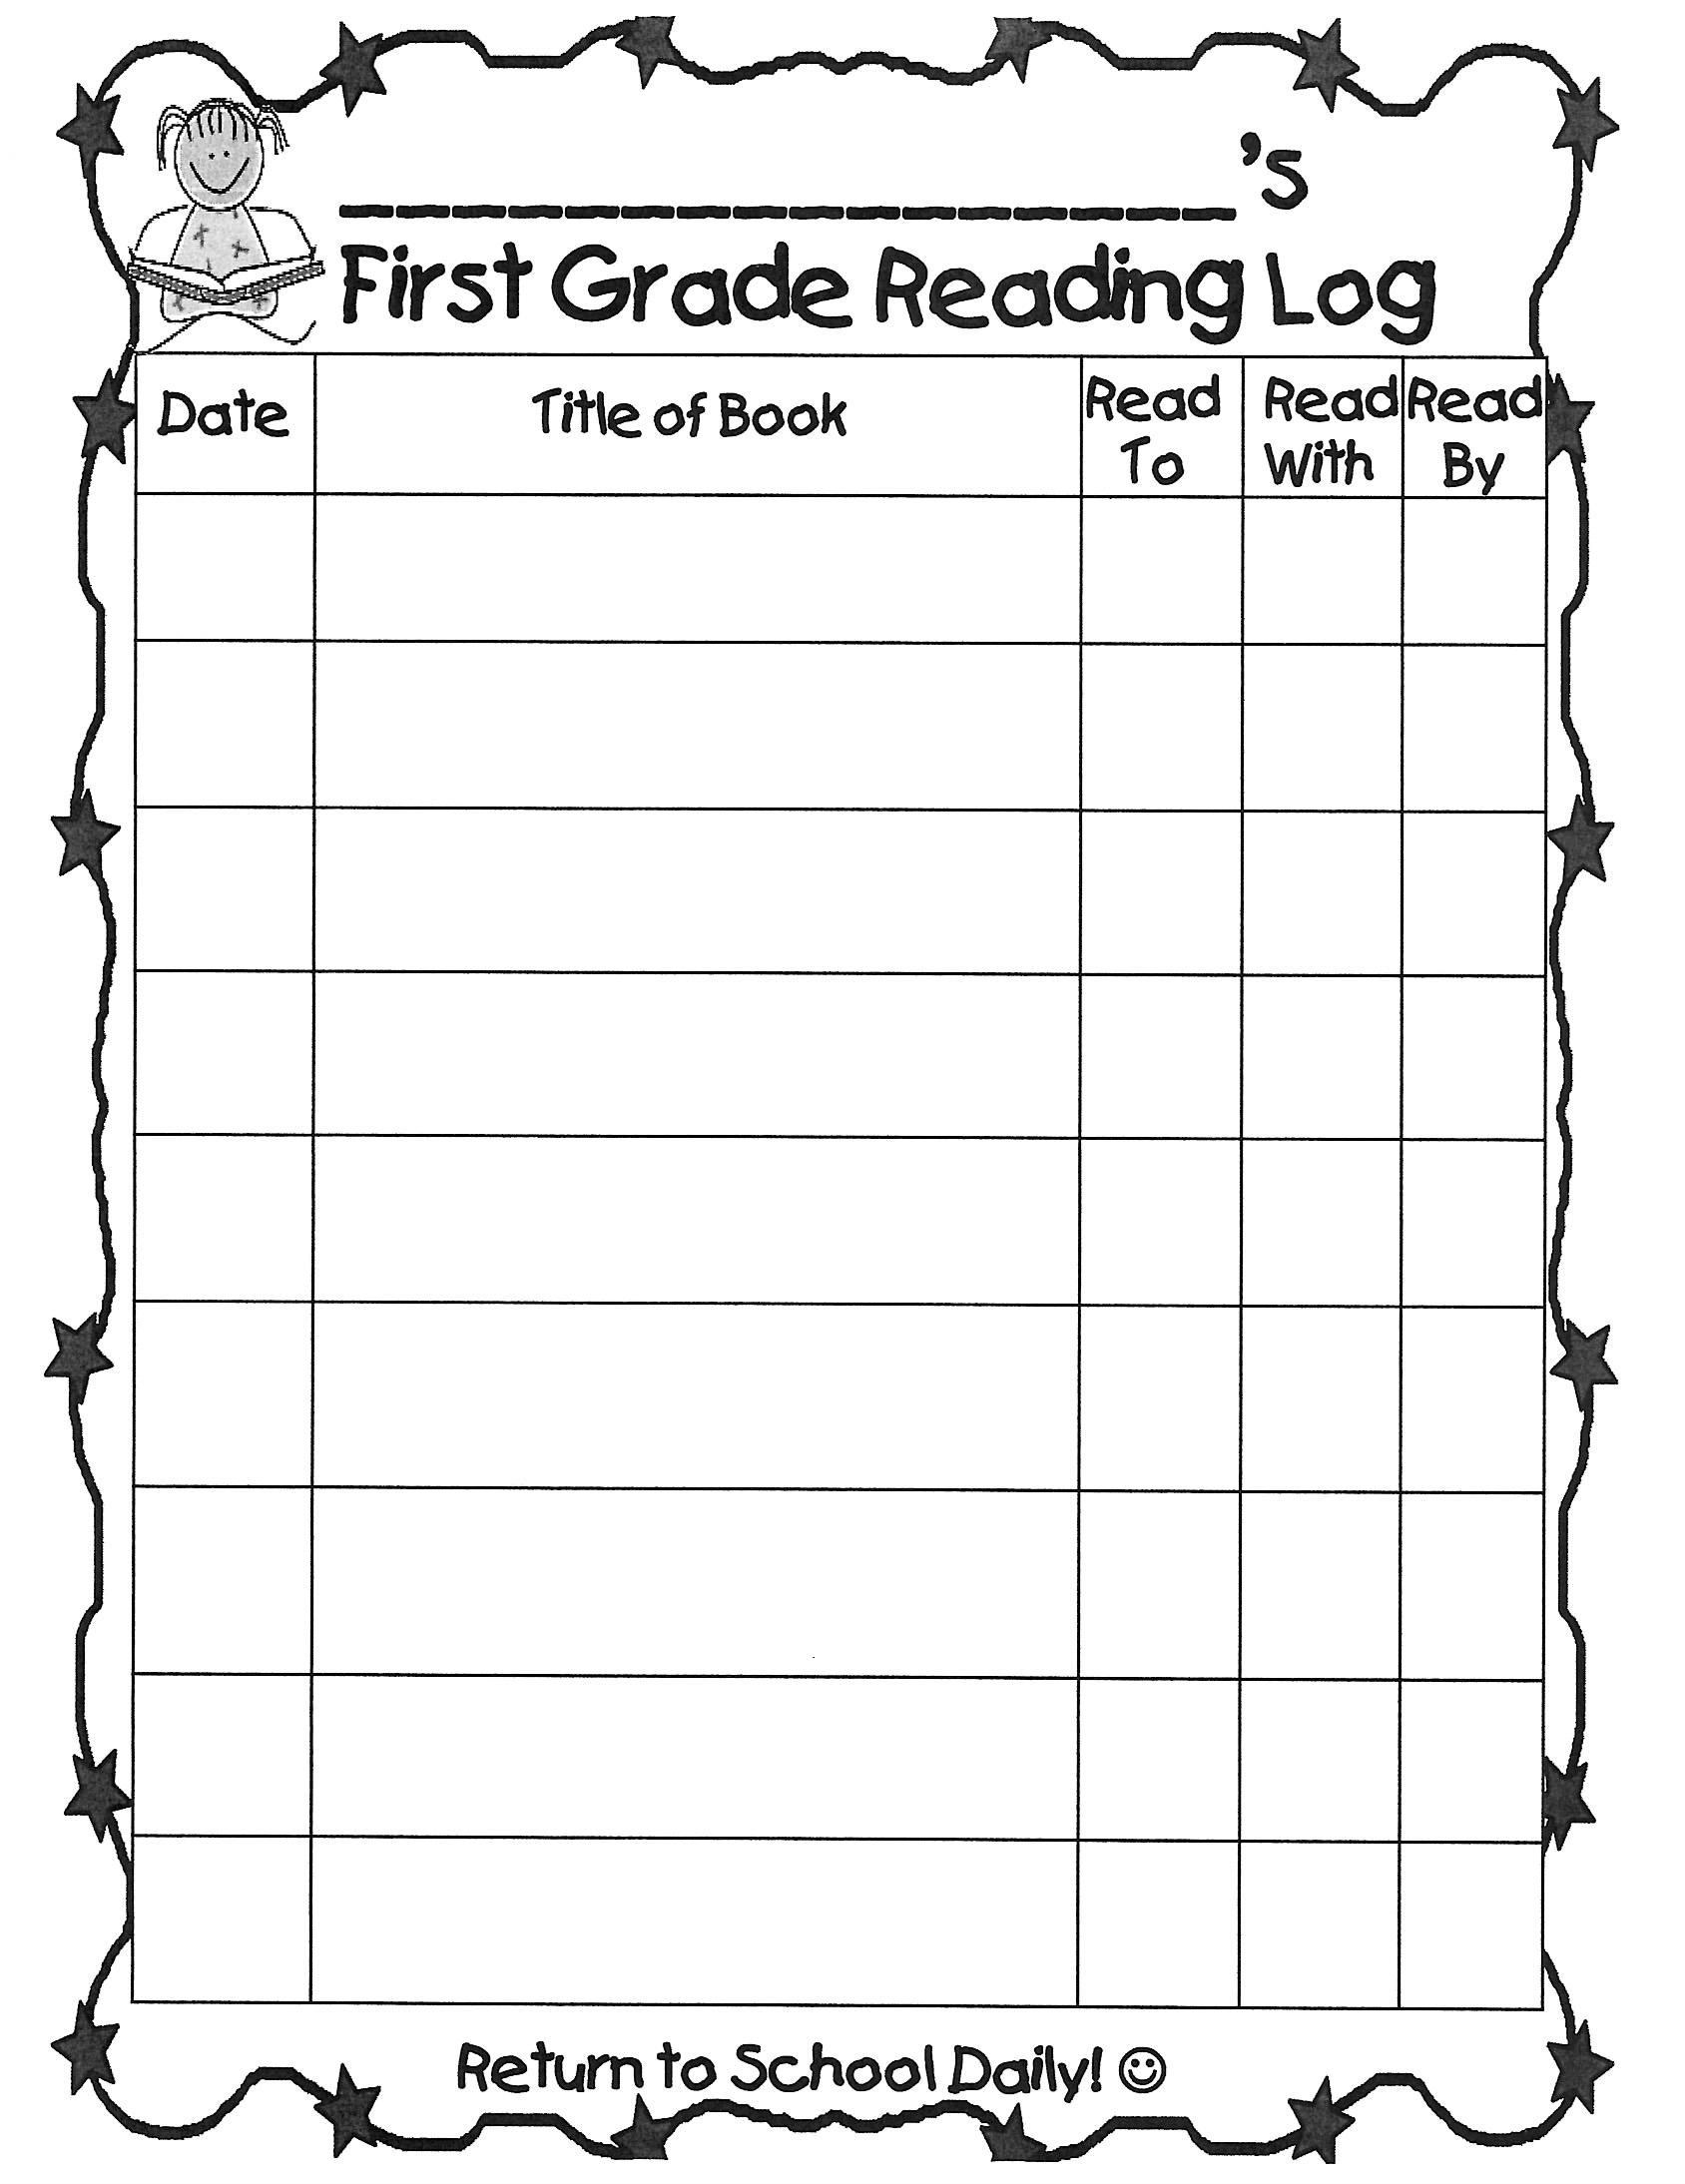 Farelli Annette Grade 1 Teacher Reading Log Form